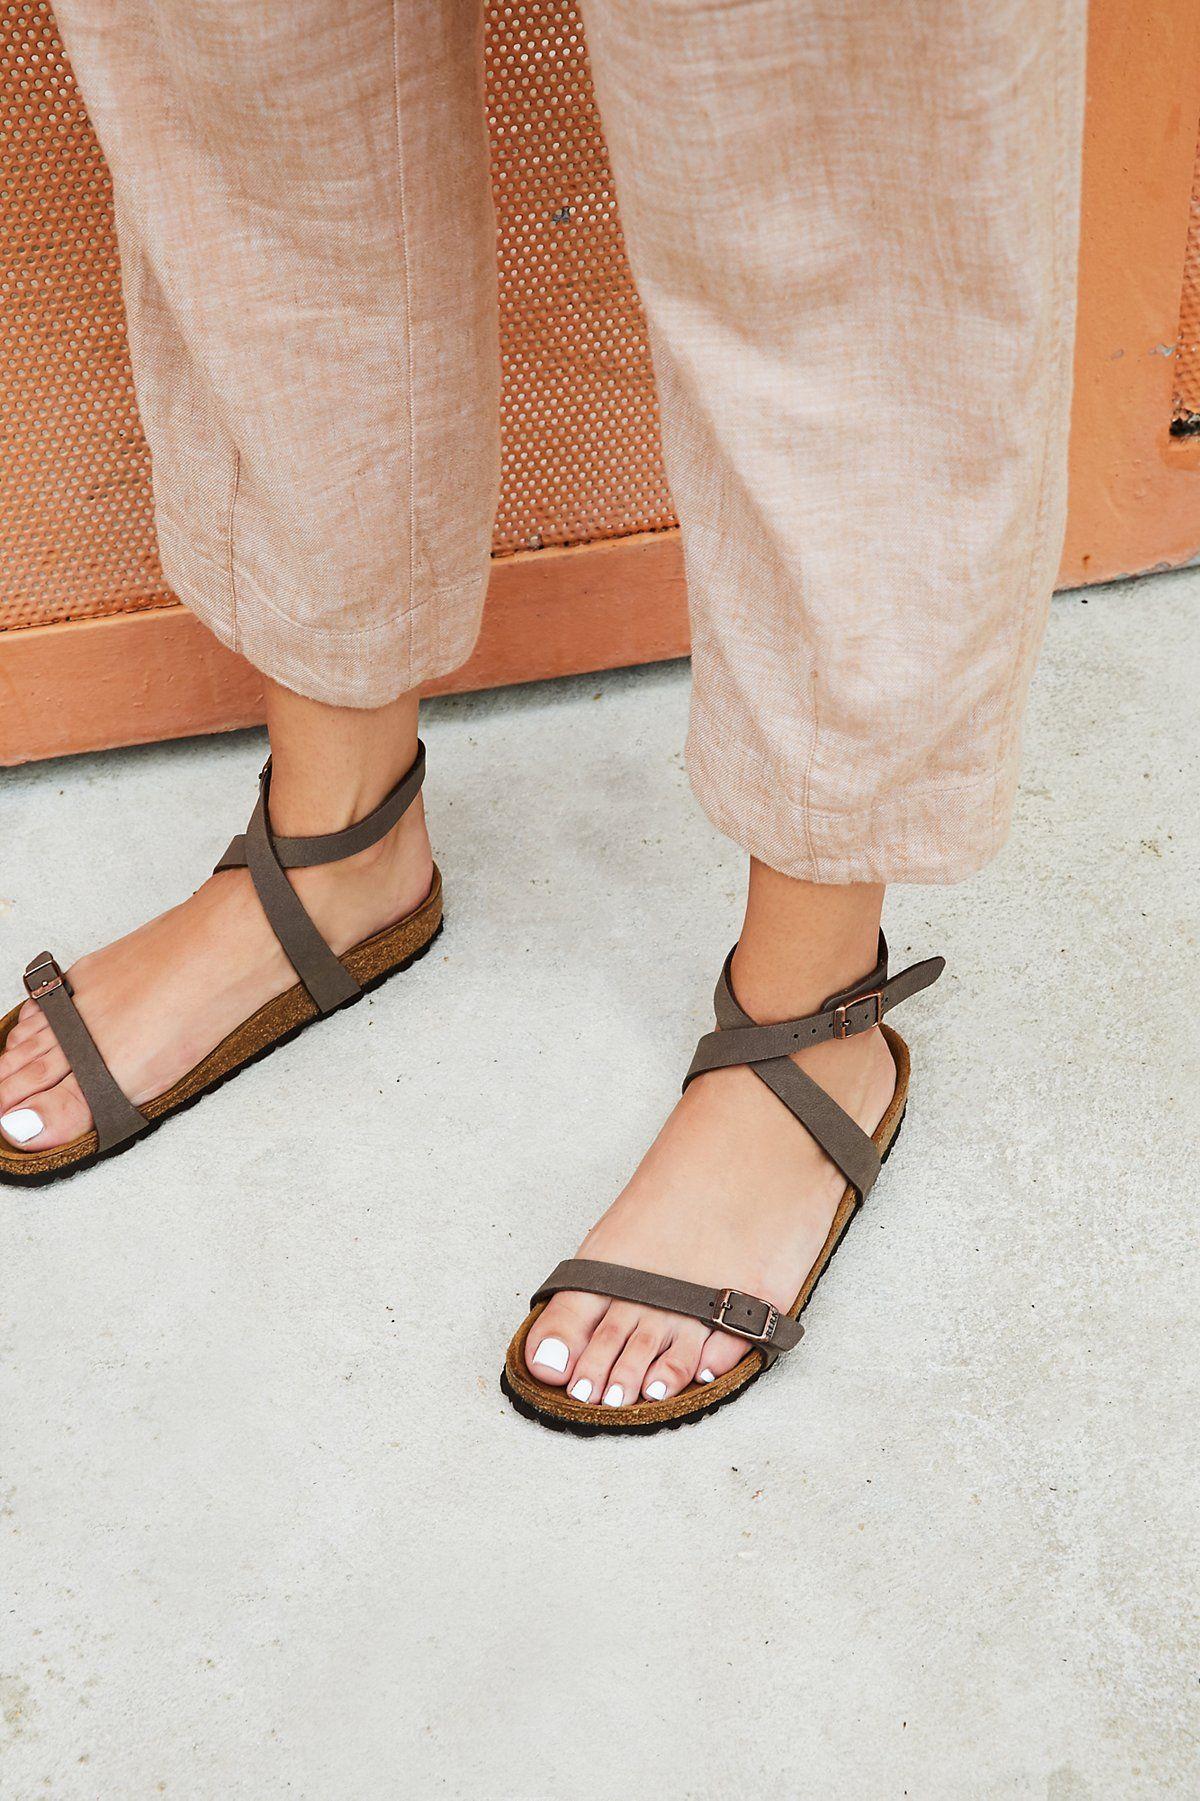 882d82b08993 Yara Birkenstock Sandal in 2019